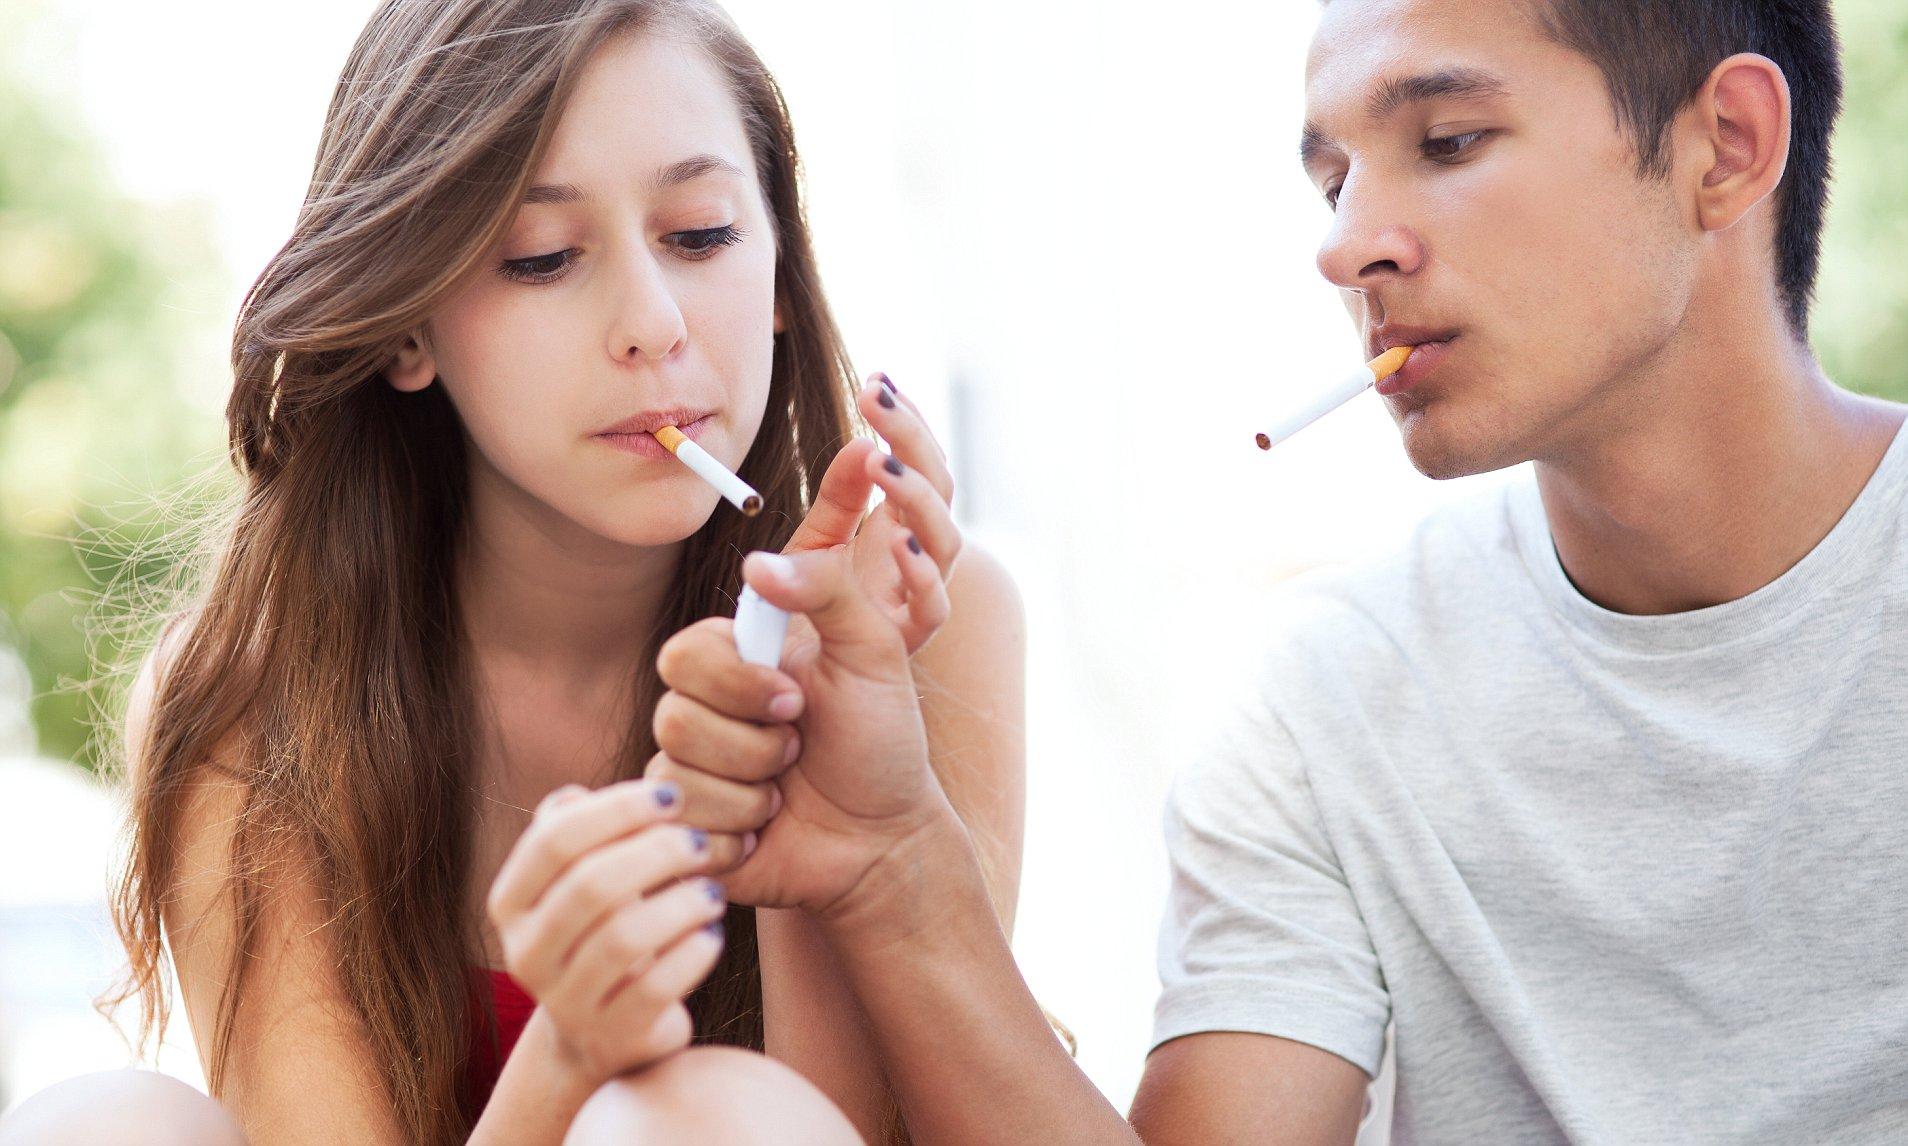 WHO cảnh báo ngành công nghiệp thuốc lá đang lôi kéo trẻ em